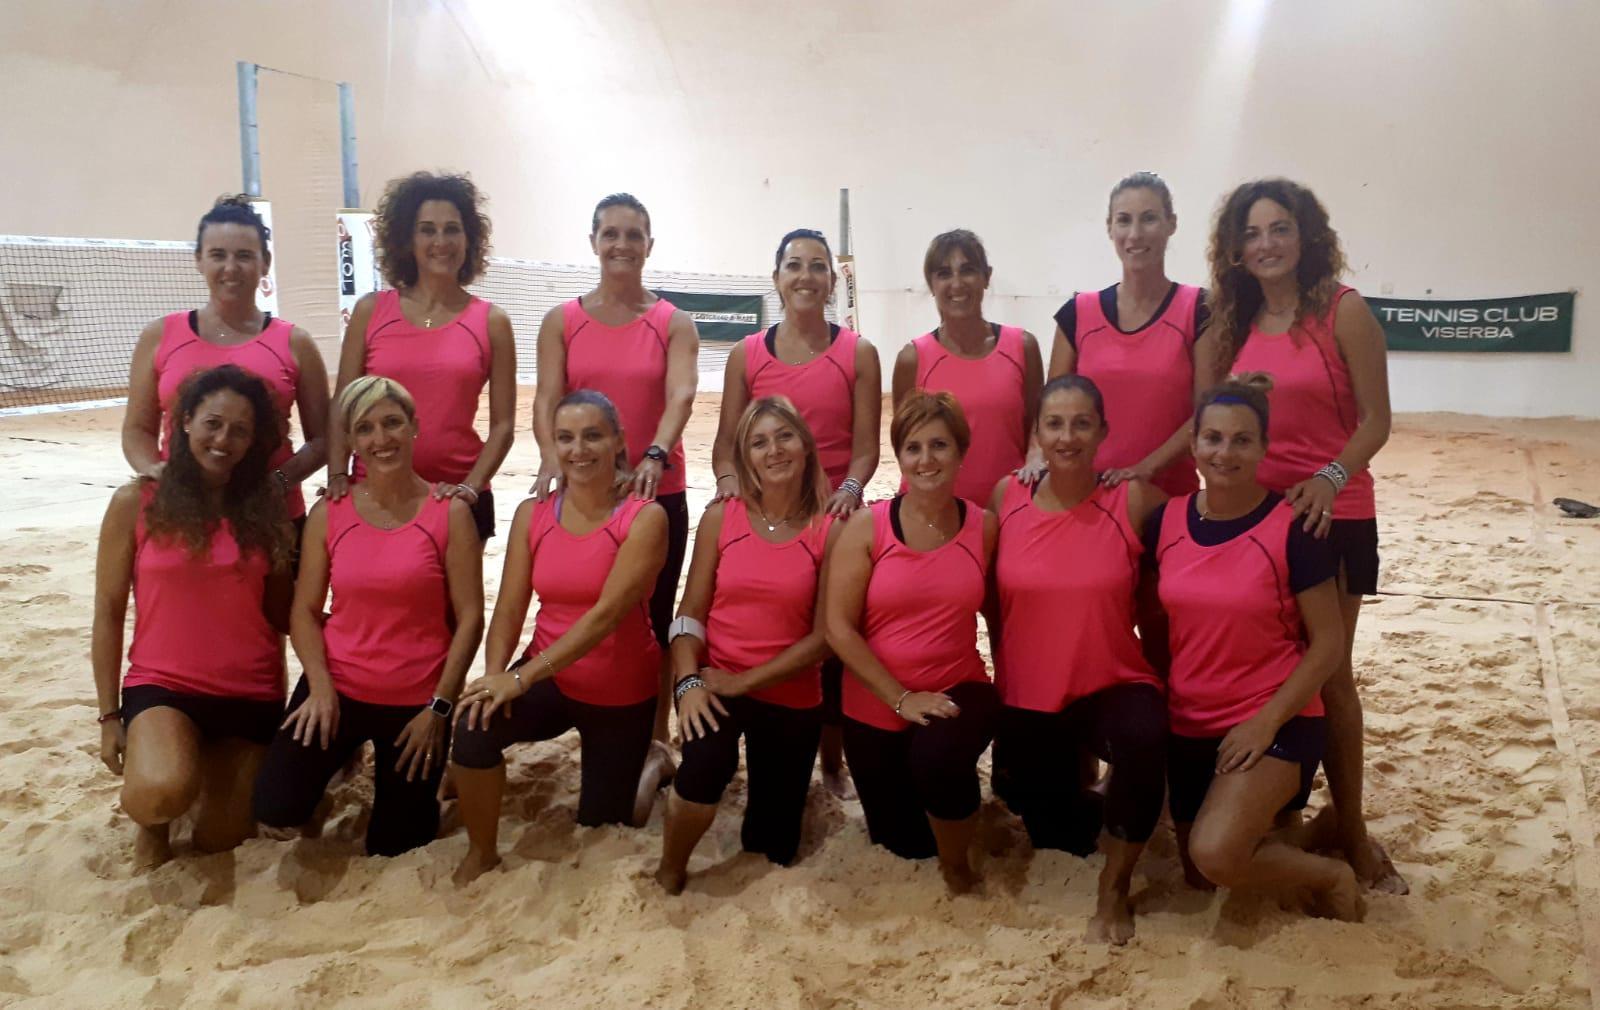 Le partecipanti al girone B del campionato femminile di beach tennis a Viserba